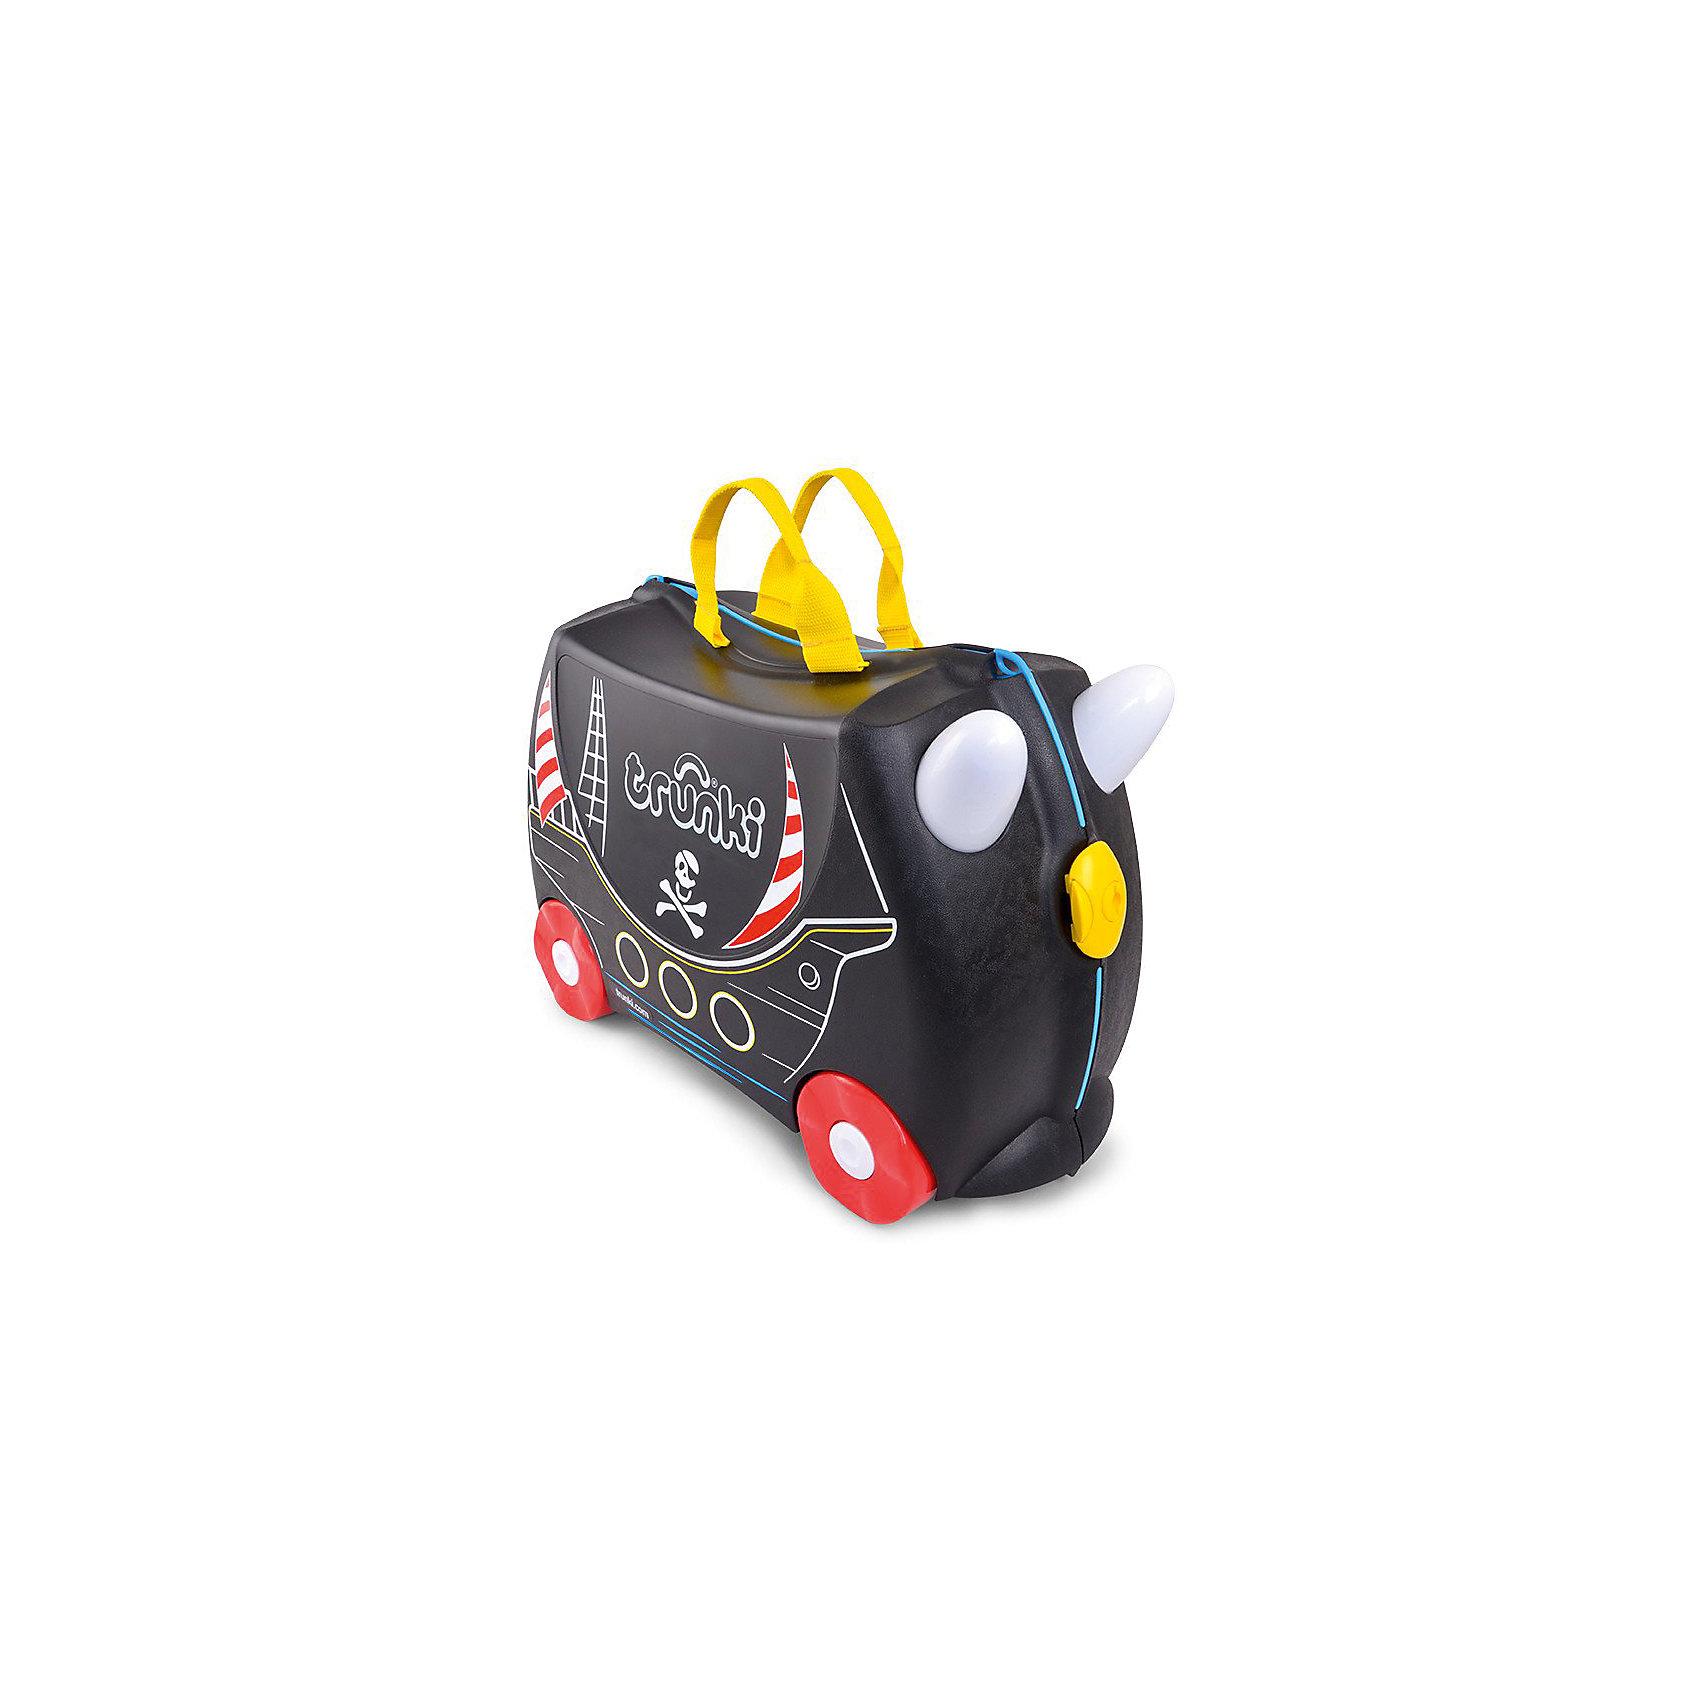 Чемодан на колесиках Педро ПиратДетский чемодан Педро Пират - восхитительная новинка от английского производителя детских чемоданов и дорожных аксессуаров! С таким чемоданом малыш сможет почувствовать себя настоящим пиратом, отправившимся на поиски приключений по волнам далеких морей! <br><br>Чемоданы Trunki сделаны из прочного легкого пластика, что позволяет не только брать их с собой в путешествие, но даже кататься на них! <br><br>Чемодан, выполненный в виде пиратского корабля, непременно порадует каждого маленького путешественника. Чемодан сделан в черном цвете с рисунком, имитирующим борт корабля с окошками, мачтой, флагами и пиратским знаком. Яркие красные колеса и желтые ручки делают чемодан более веселым и заметным. У чемоданчика есть забавные ручки в виде рожек, для того, чтобы ребенок мог держаться во время катания.  <br><br>Также в комплект с чемоданом входят наклейки с изображением пиратских сокровищ, попугаев, пальм, якоря, которыми можно декорировать чемодан по своему усмотрению. Удобная прочная и длинная ручка из текстиля позволяет родителям возить чемодан или катать ребенка. <br><br>Несмотря на забавный внешний вид, чемодан Транки очень прочен и функционален. Вместительная конструкция весит меньше 2 кг. Выемка в верхней части корпуса служит анатомическим сиденьем, и мало какой ребёнок откажется от удовольствия прокатиться на таком необычном транспорте. <br><br>Особенности чемодана Trunki:<br><br>Прочный легкий корпус с удобным сидением,<br>Широкие устойчивые колеса для перемещения и катания,<br>Прорезиненный мягкий обод вдоль отделений чемодана,<br>Надежный безопасный замок защищает от случайного раскрытия,<br>Специальный ремень с прочными карабинами позволяет легко перемещать чемодан и катать ребенка,<br>Ручки из пластика на корпусе чемодана позволяют ребенку держаться при перемещении,<br>Наклейки в комплекте.<br>Чемоданы Trunki были созданы в Англии для того, чтобы малыши не скучали во время путешествий. В удобный вместительный чемодан можно заполни